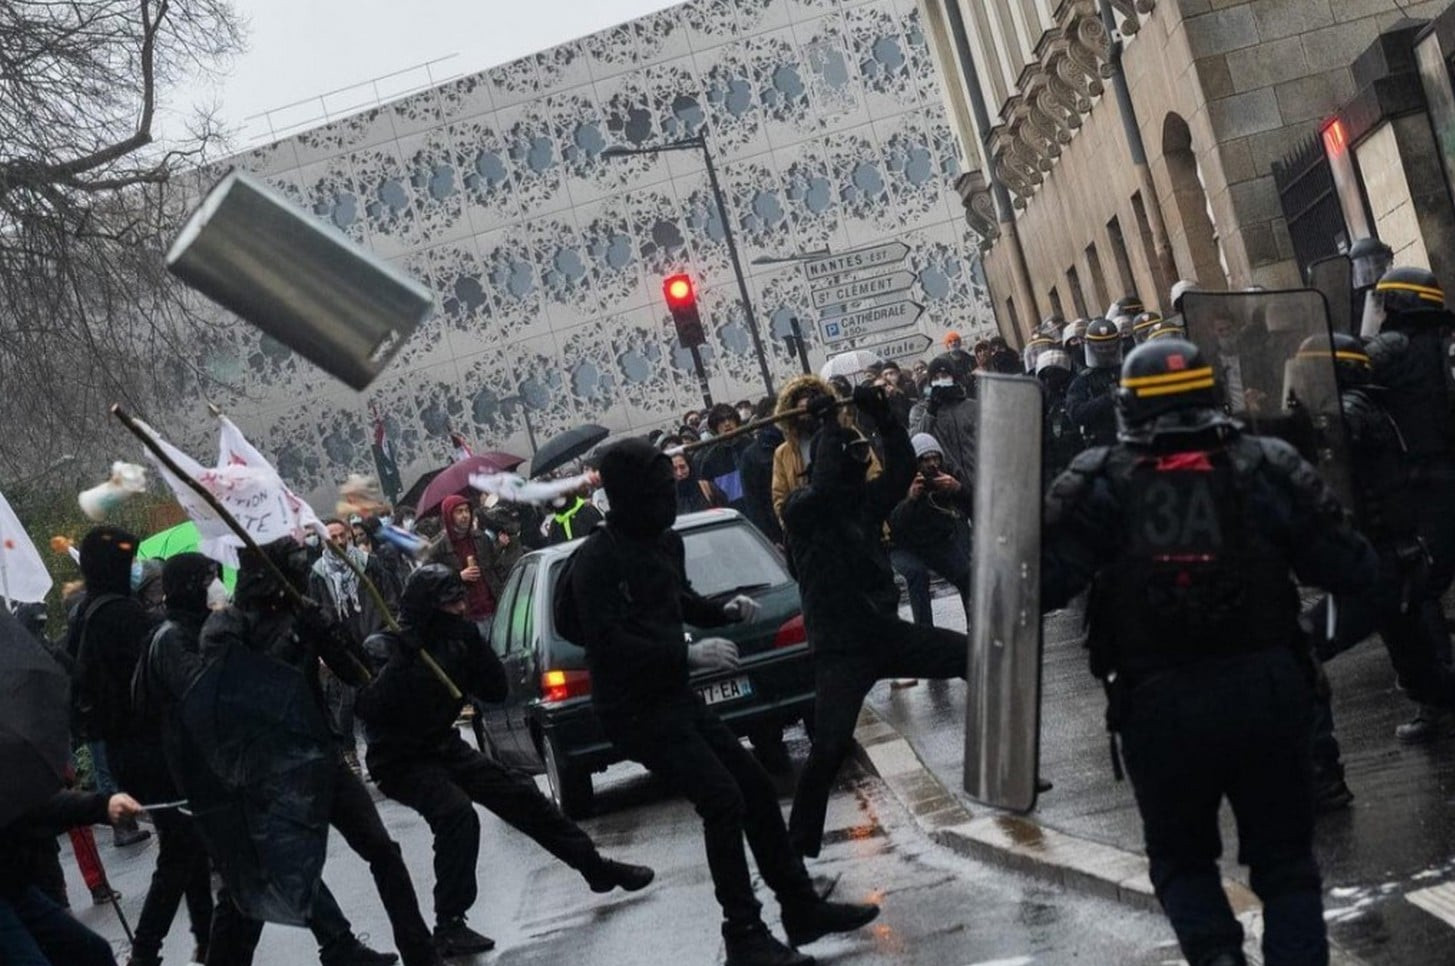 Journalistes, ultra-gauche et teufeurs manifestent contre les mesures sanitaires